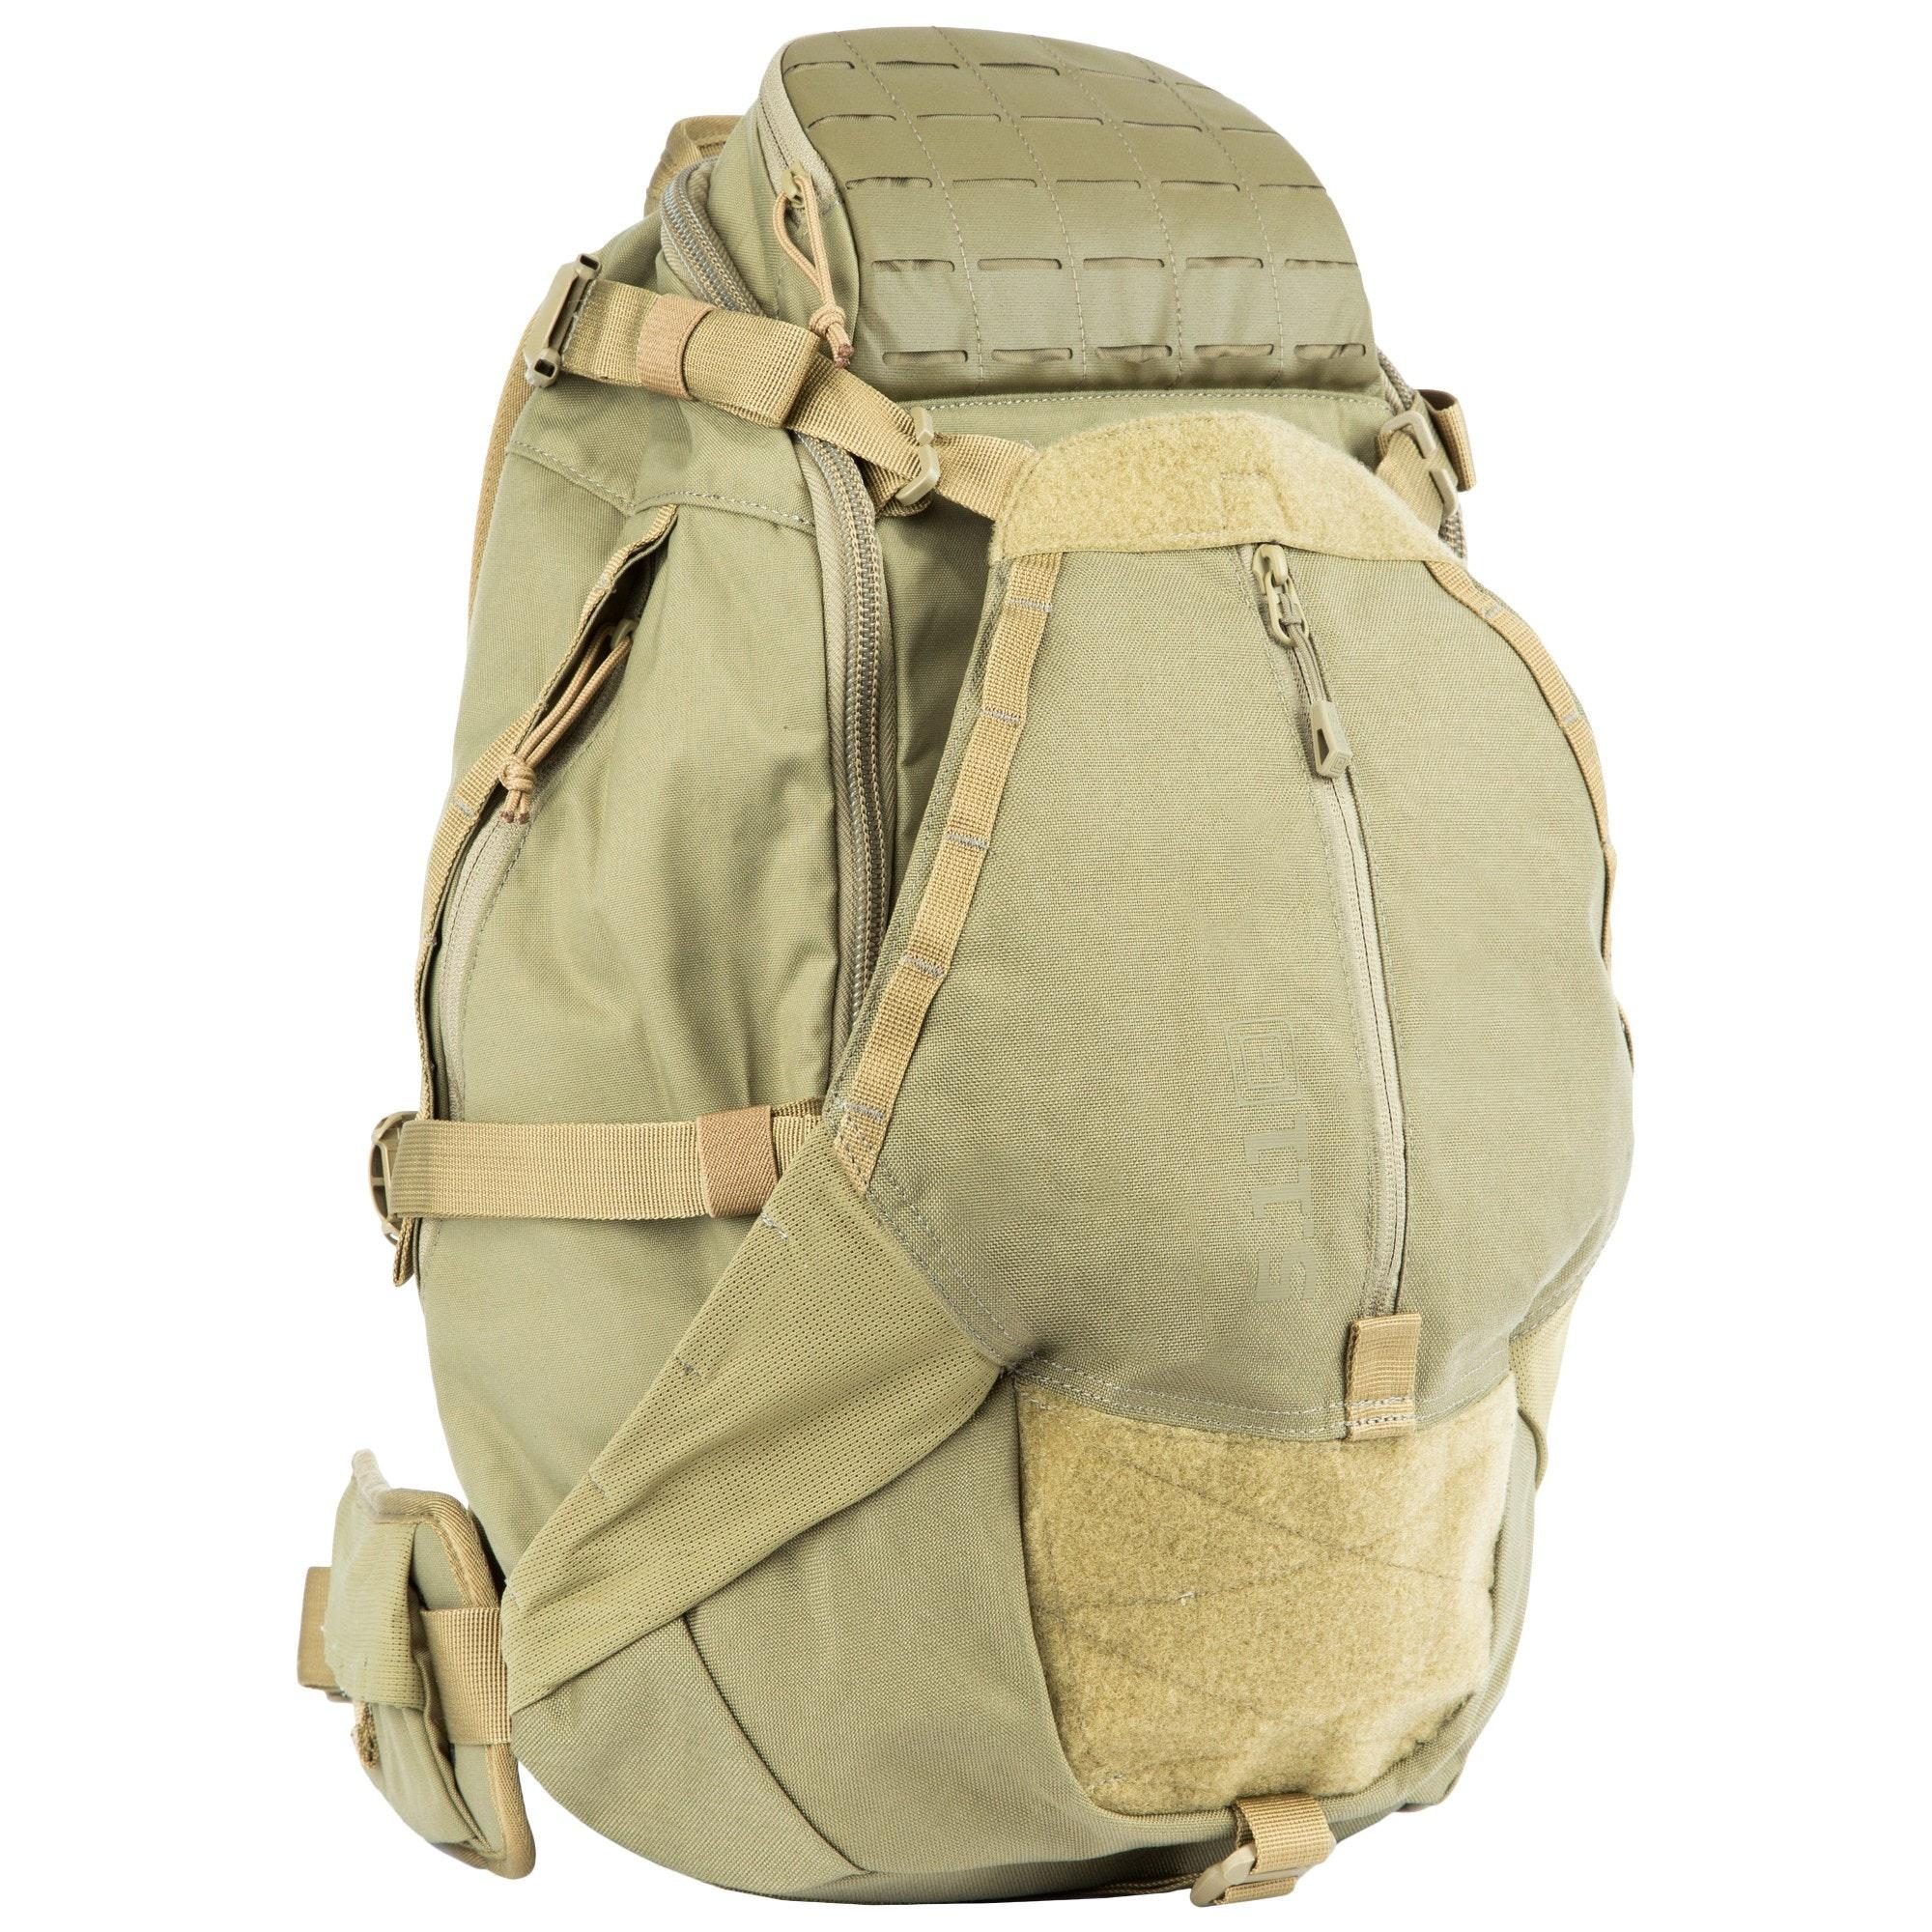 HAVOC 30 Backpack